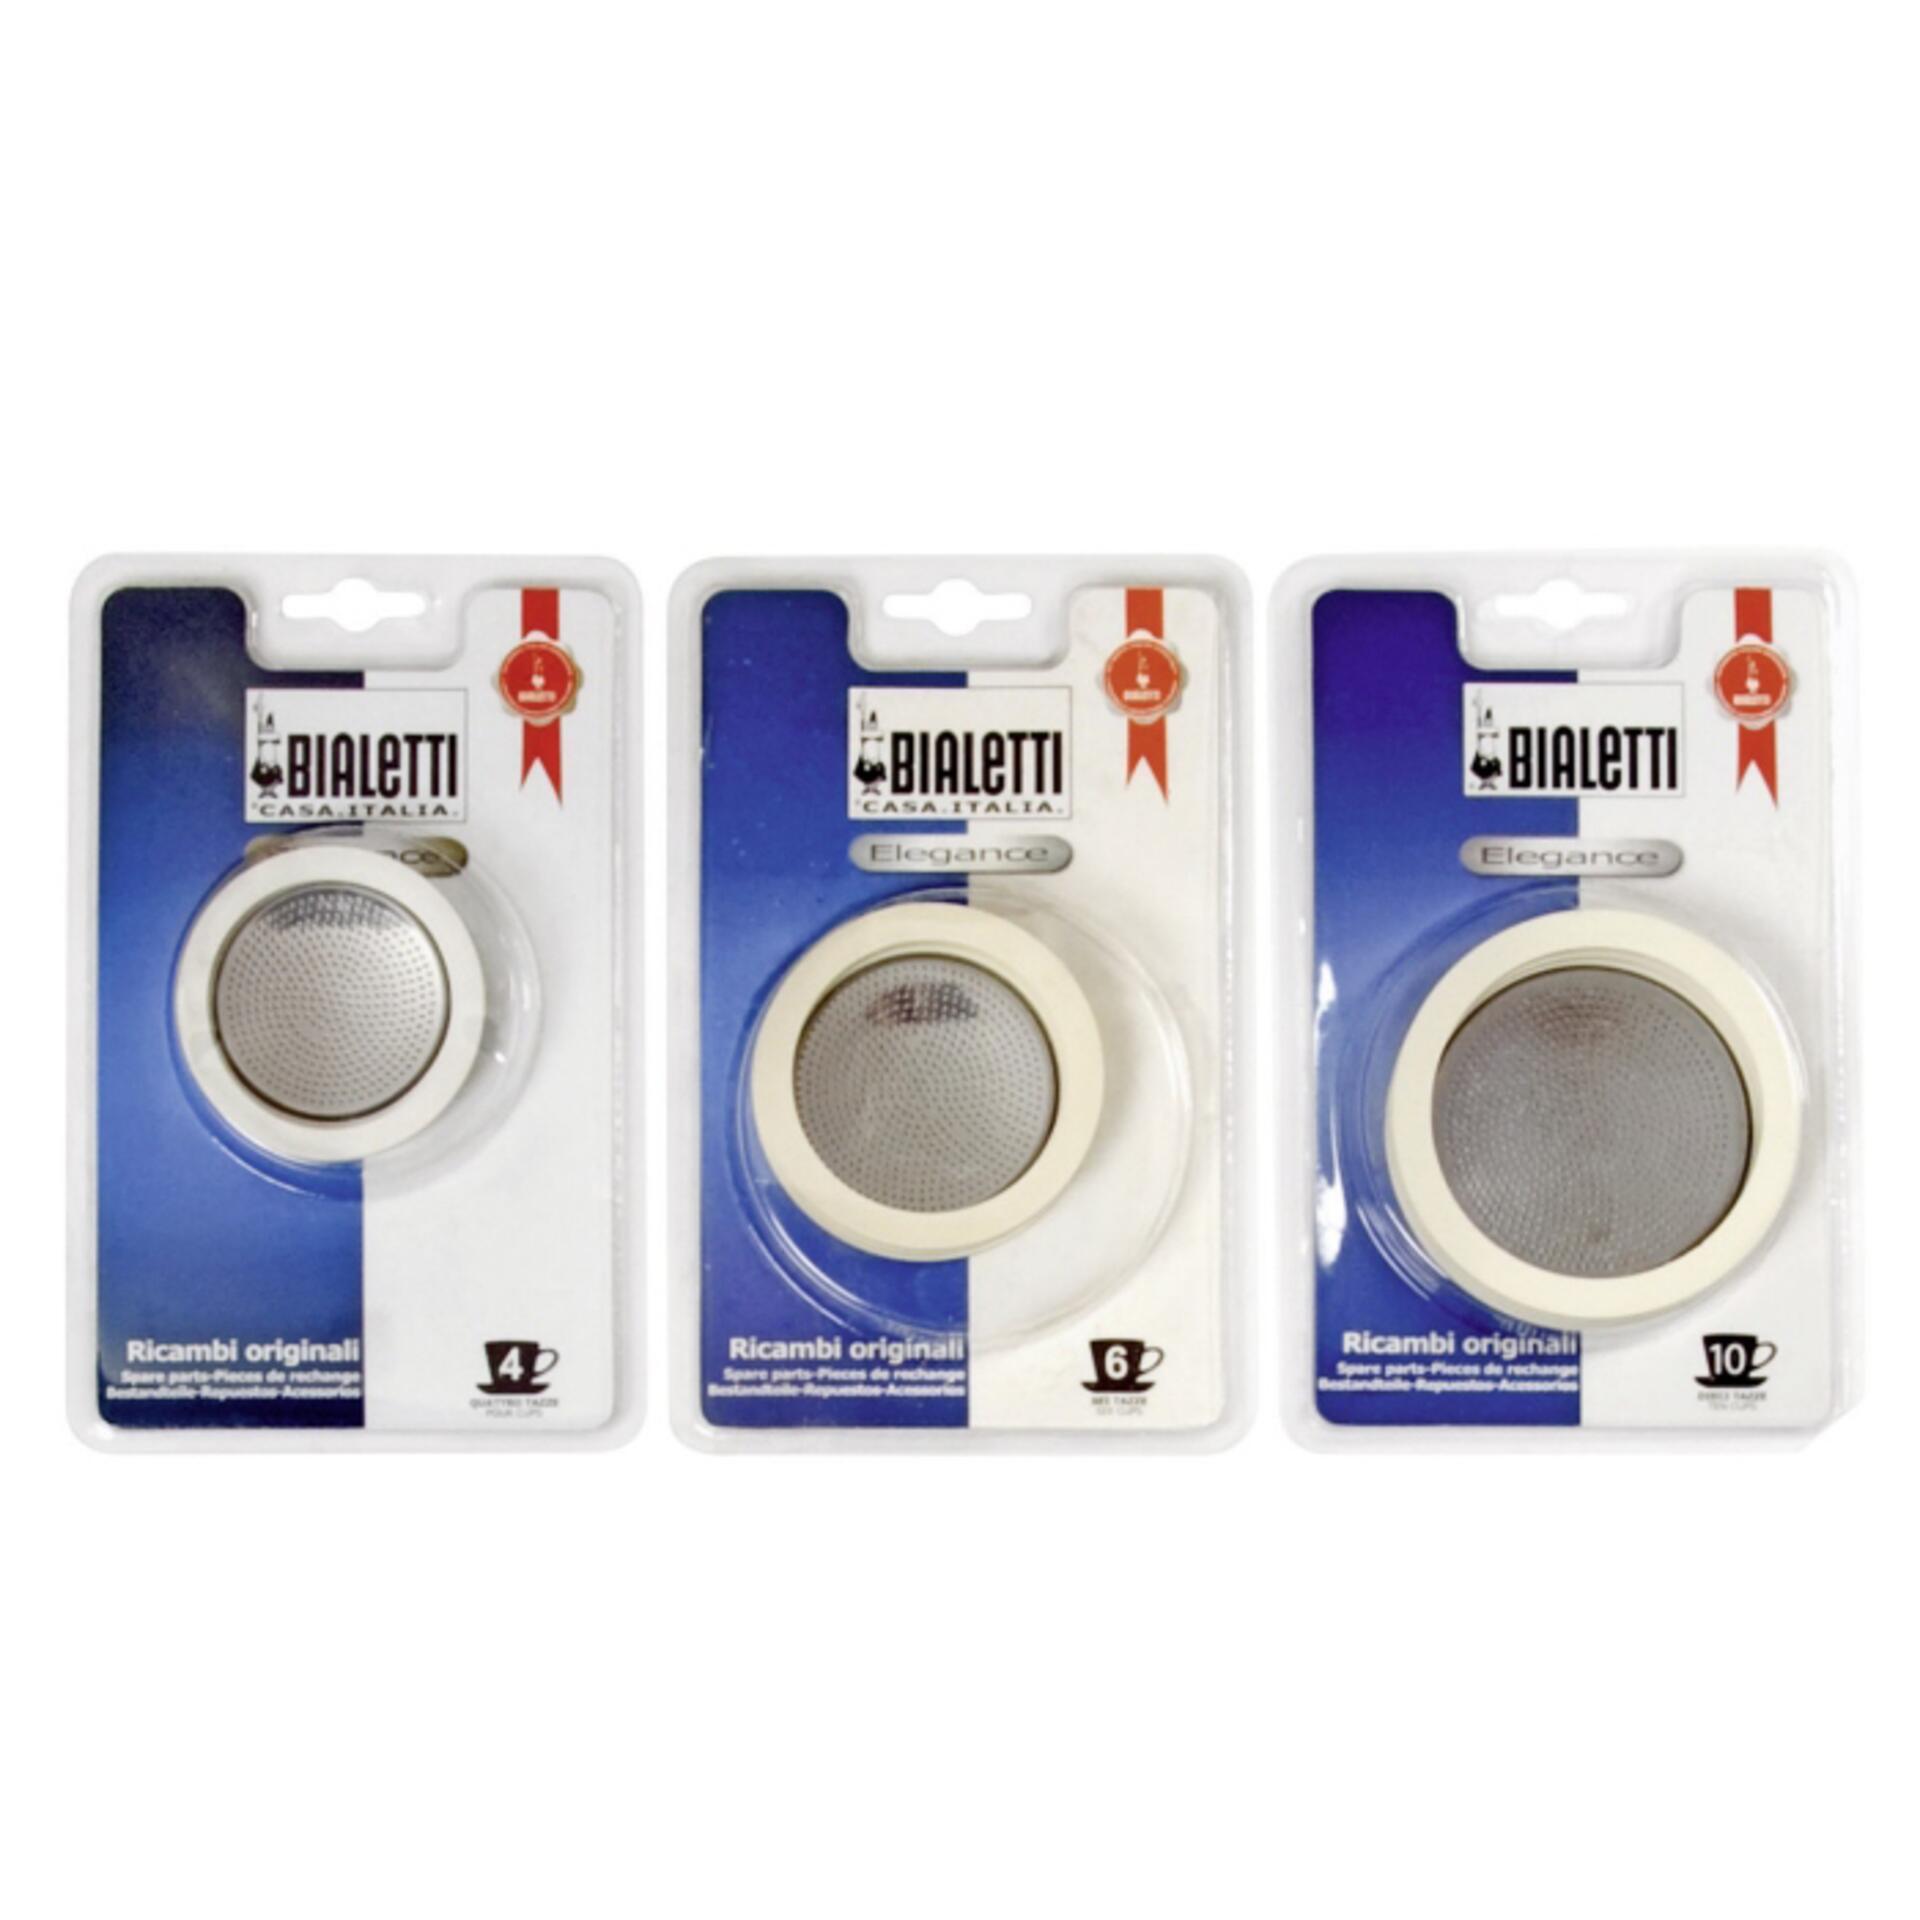 Bialetti Gummidichtung und Filter Edelstahlmaschinen 6 Tassen